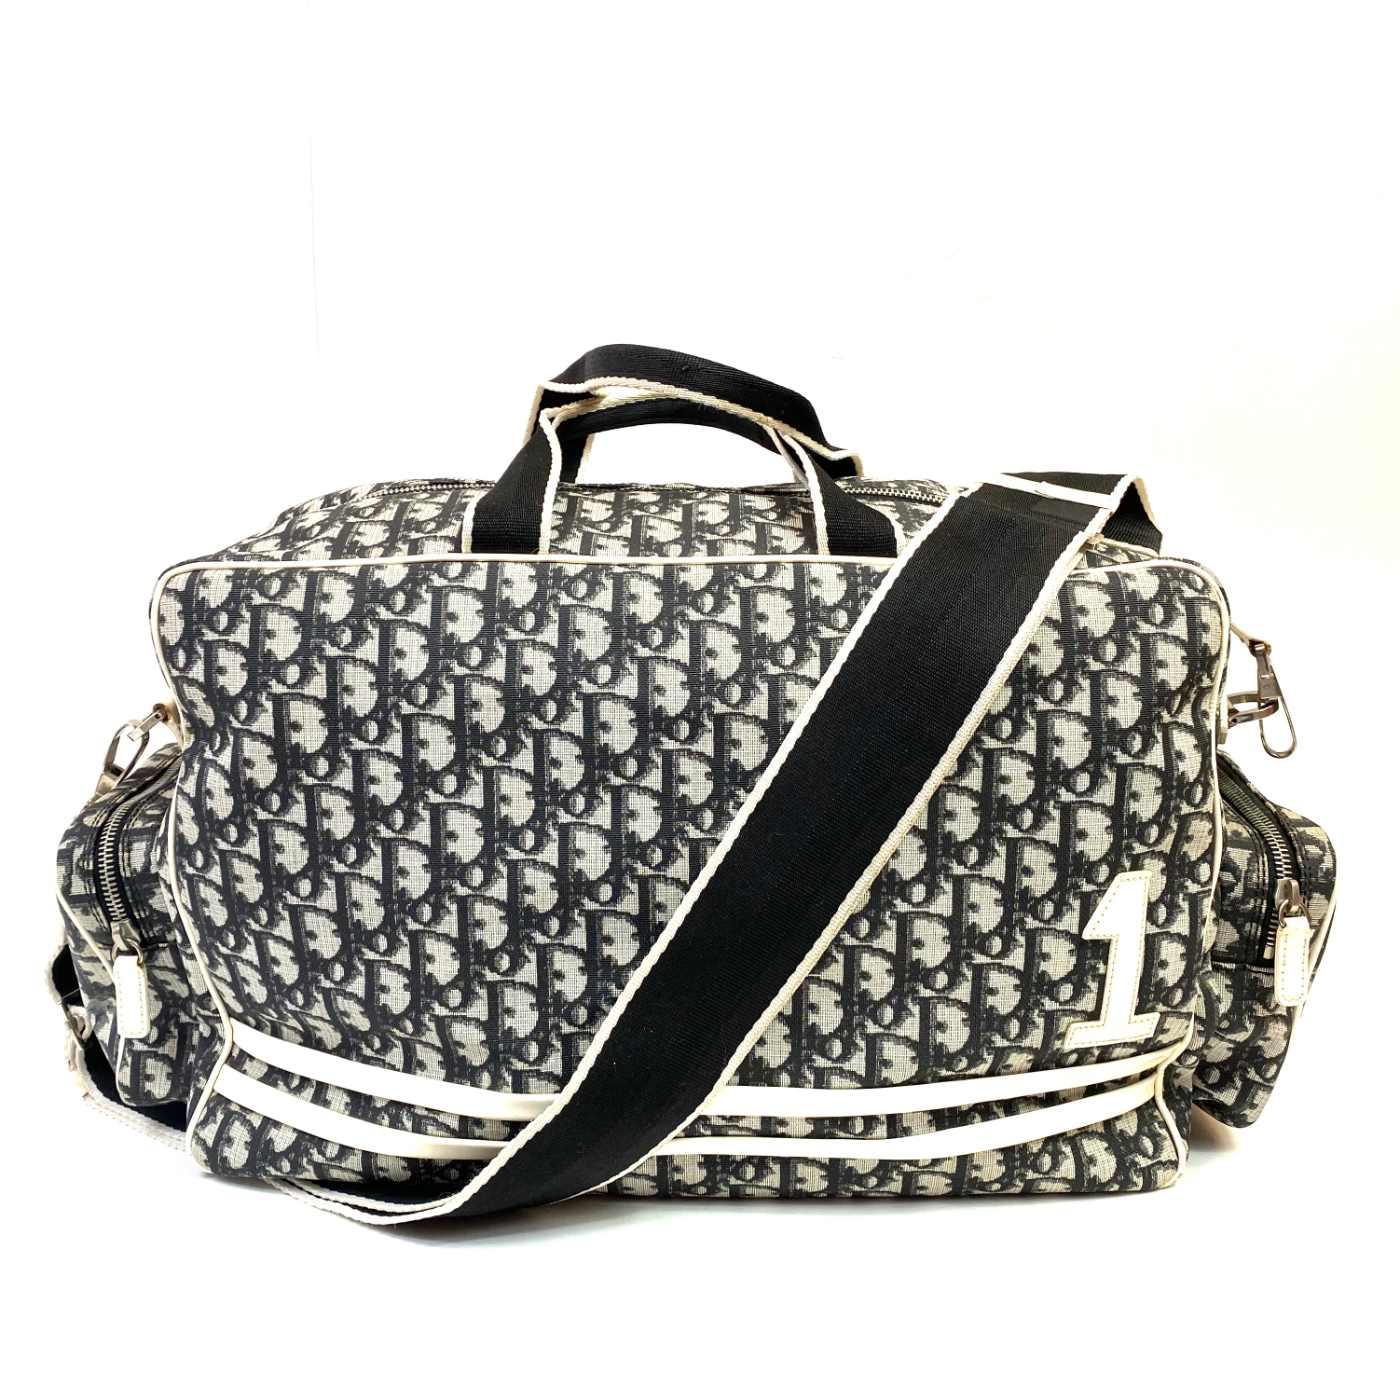 Mala de Mão Christian Dior Travel Trotter Nº1